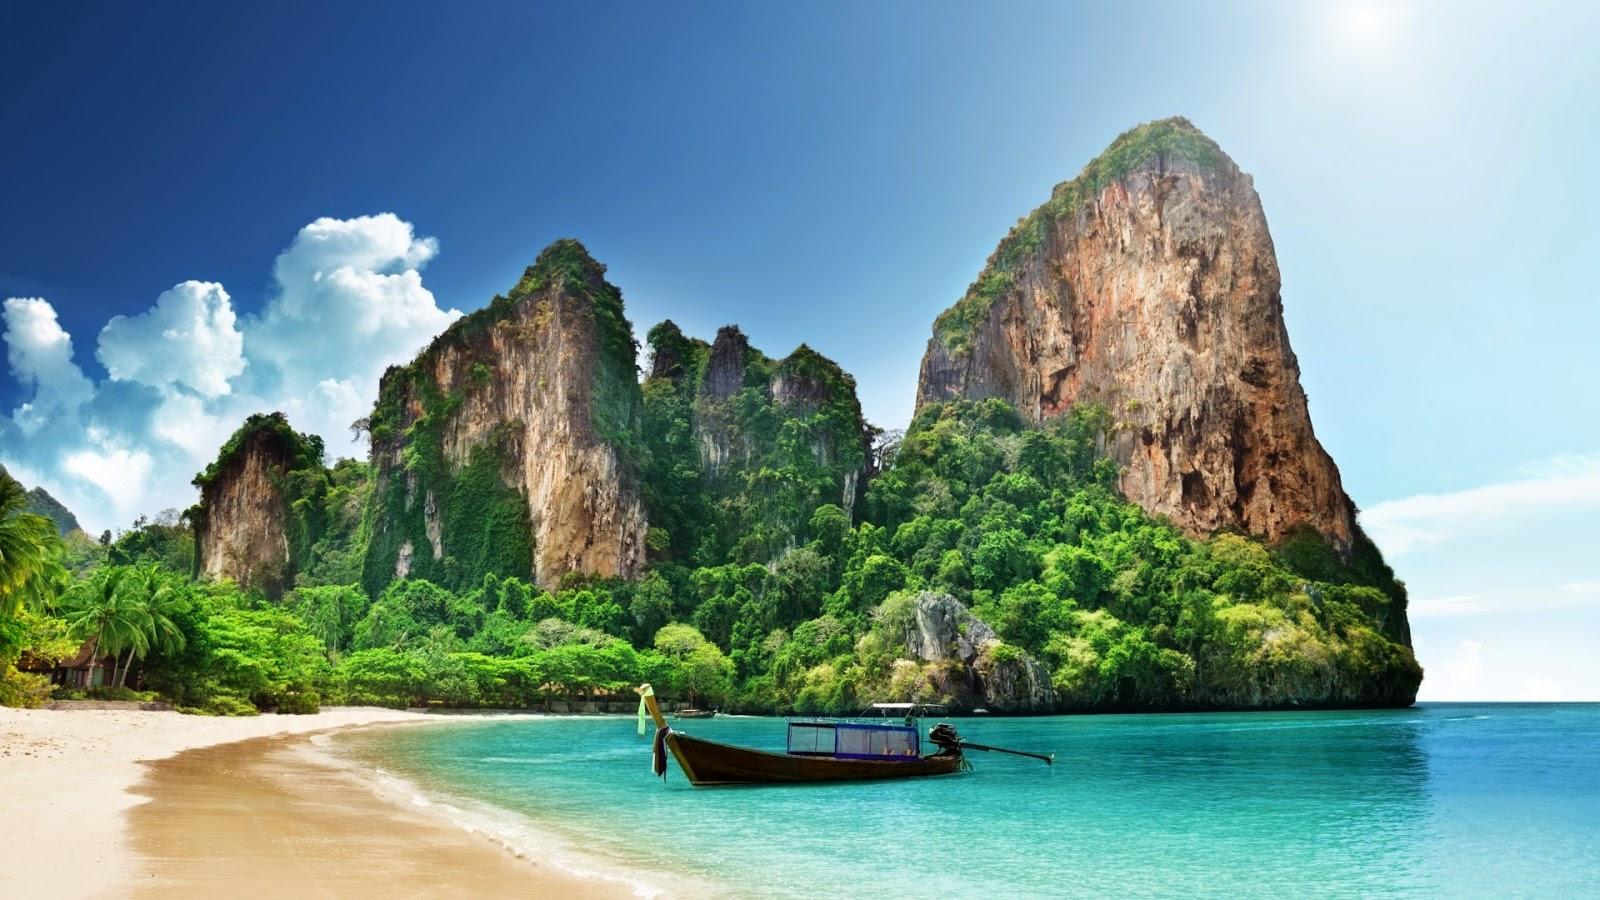 Les 8 plus belles plages de Thailande - Railay Beach